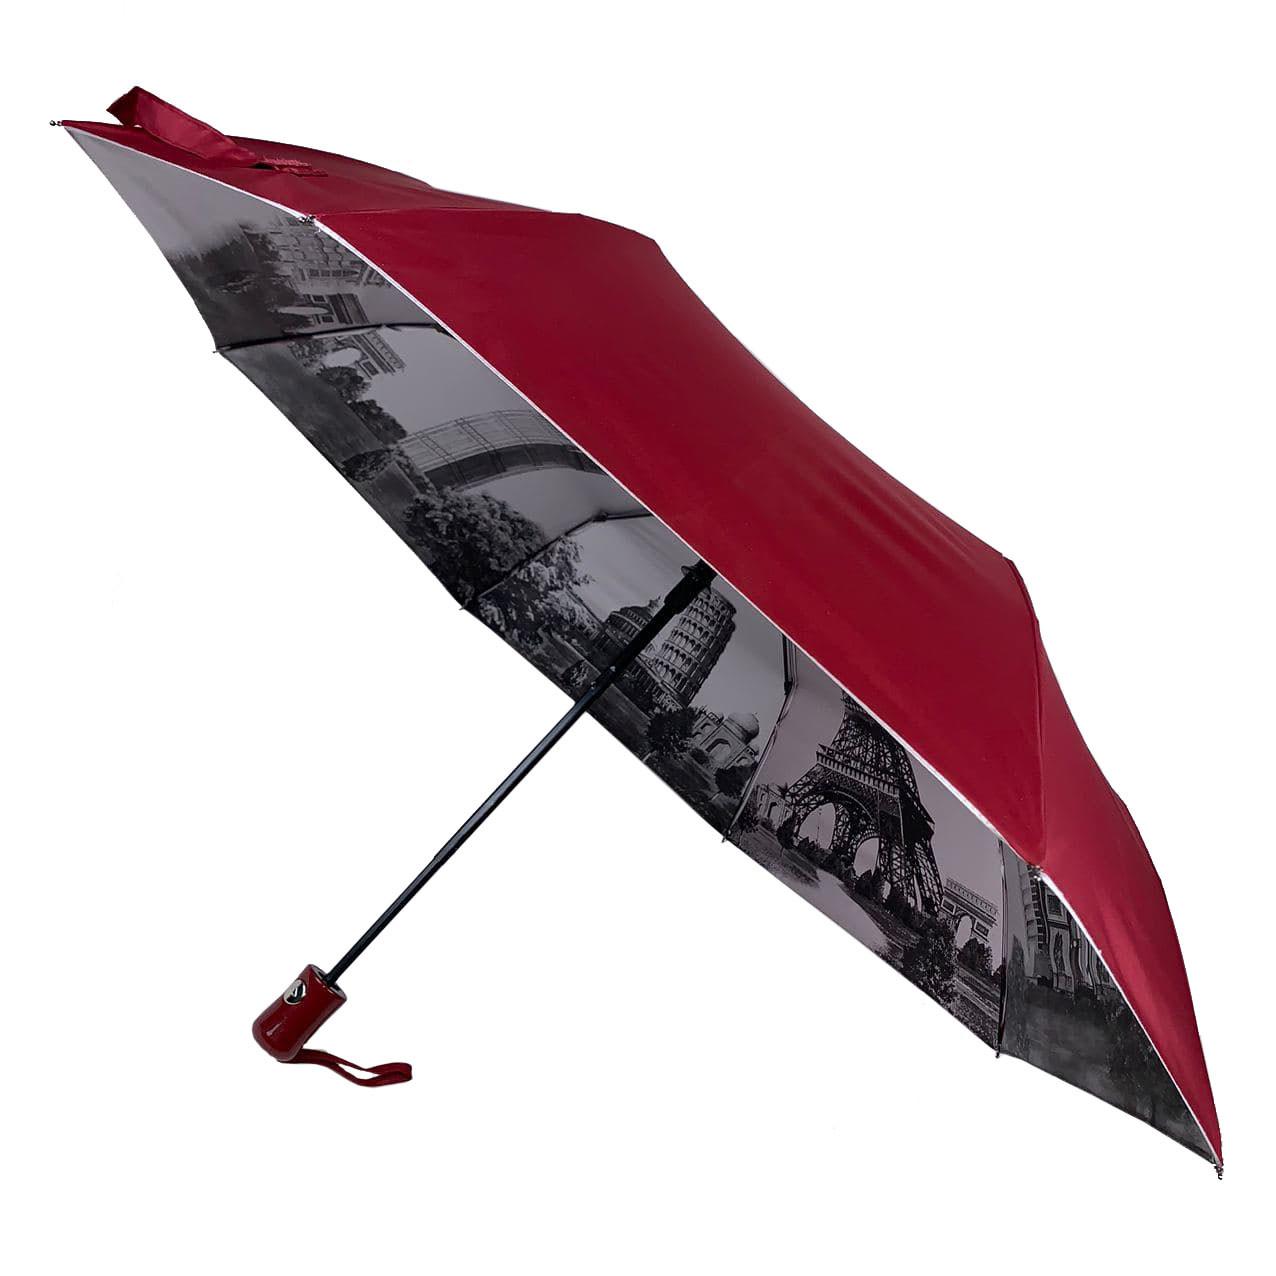 Женский зонтик полуавтомат МАХ с узором изнутри и тефлоновой пропиткой, бордовый, 480-4